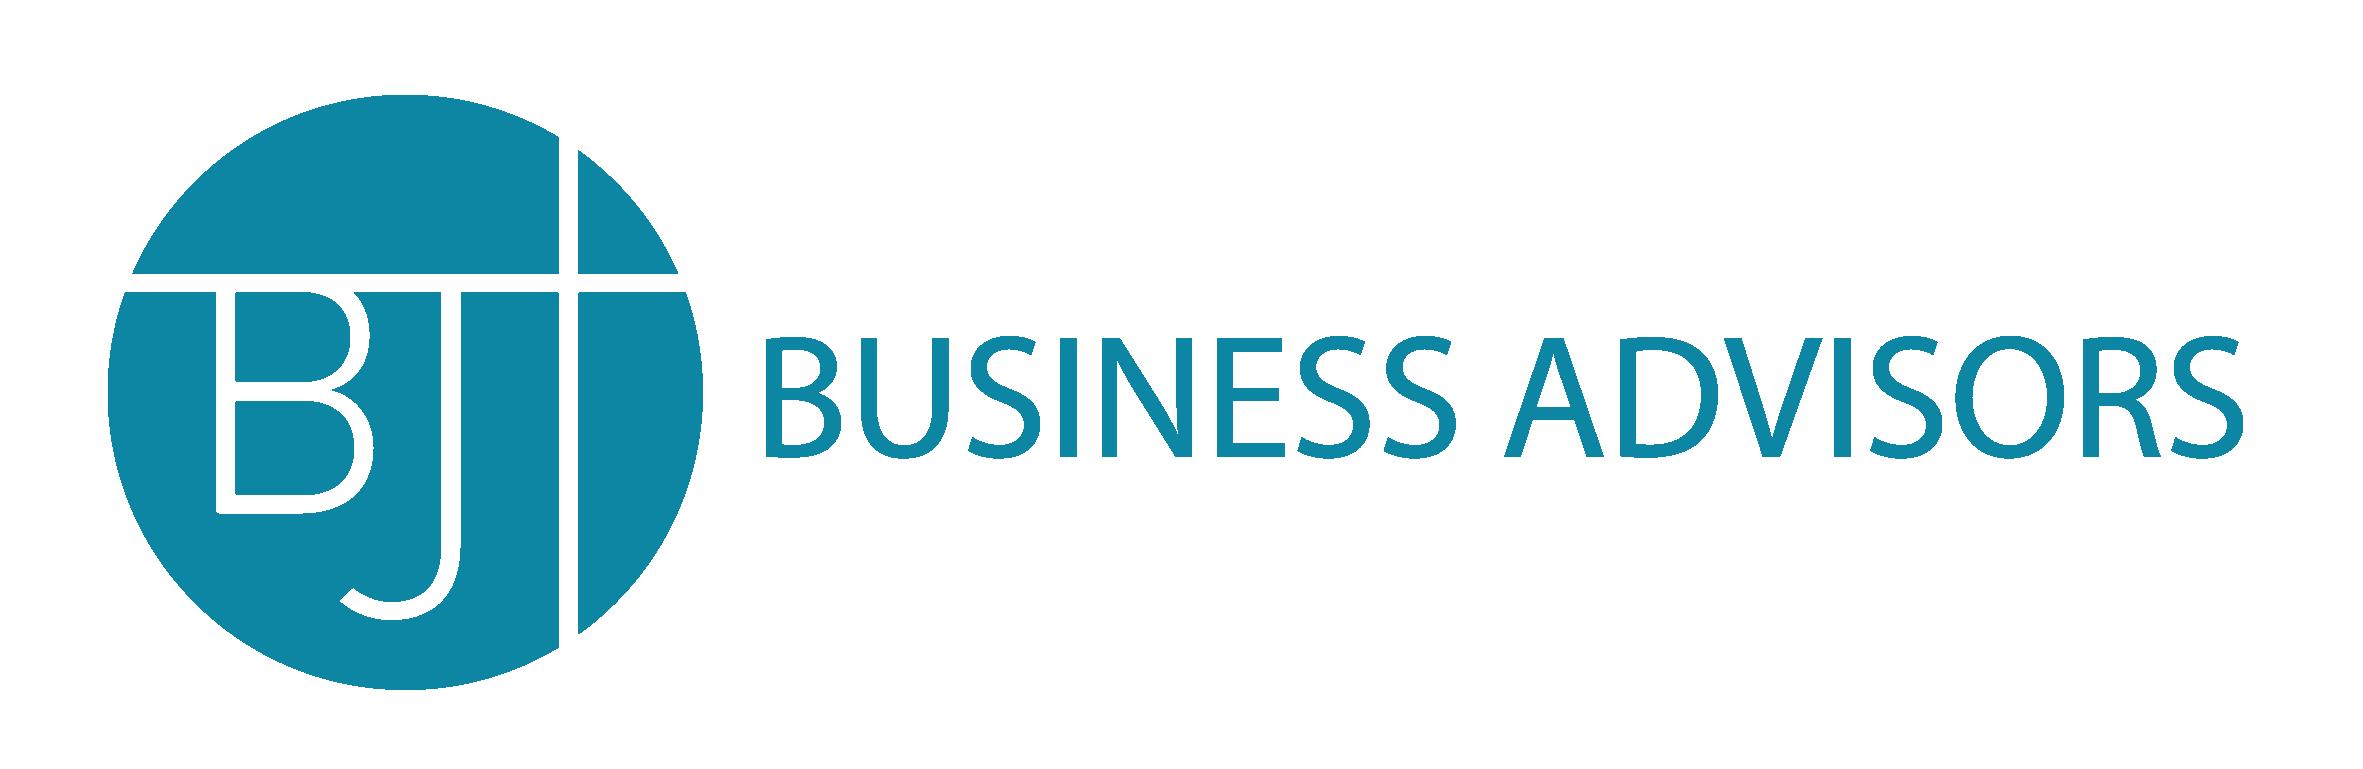 BJT Business Advisors